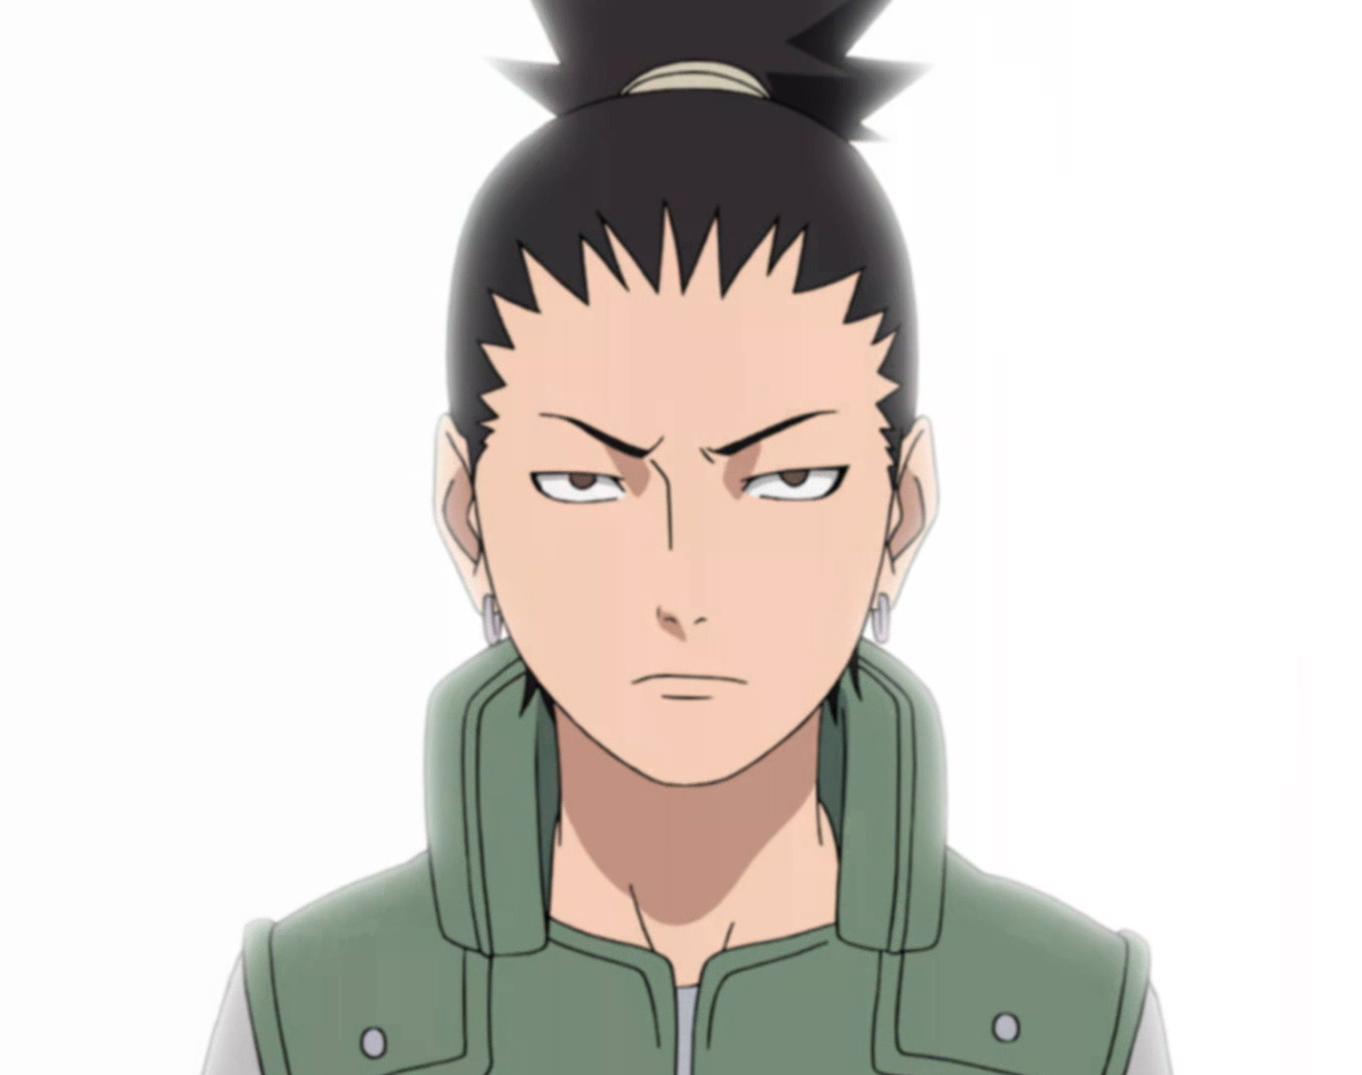 Shikamaru Nara | Narutopedia | FANDOM powered by Wikia